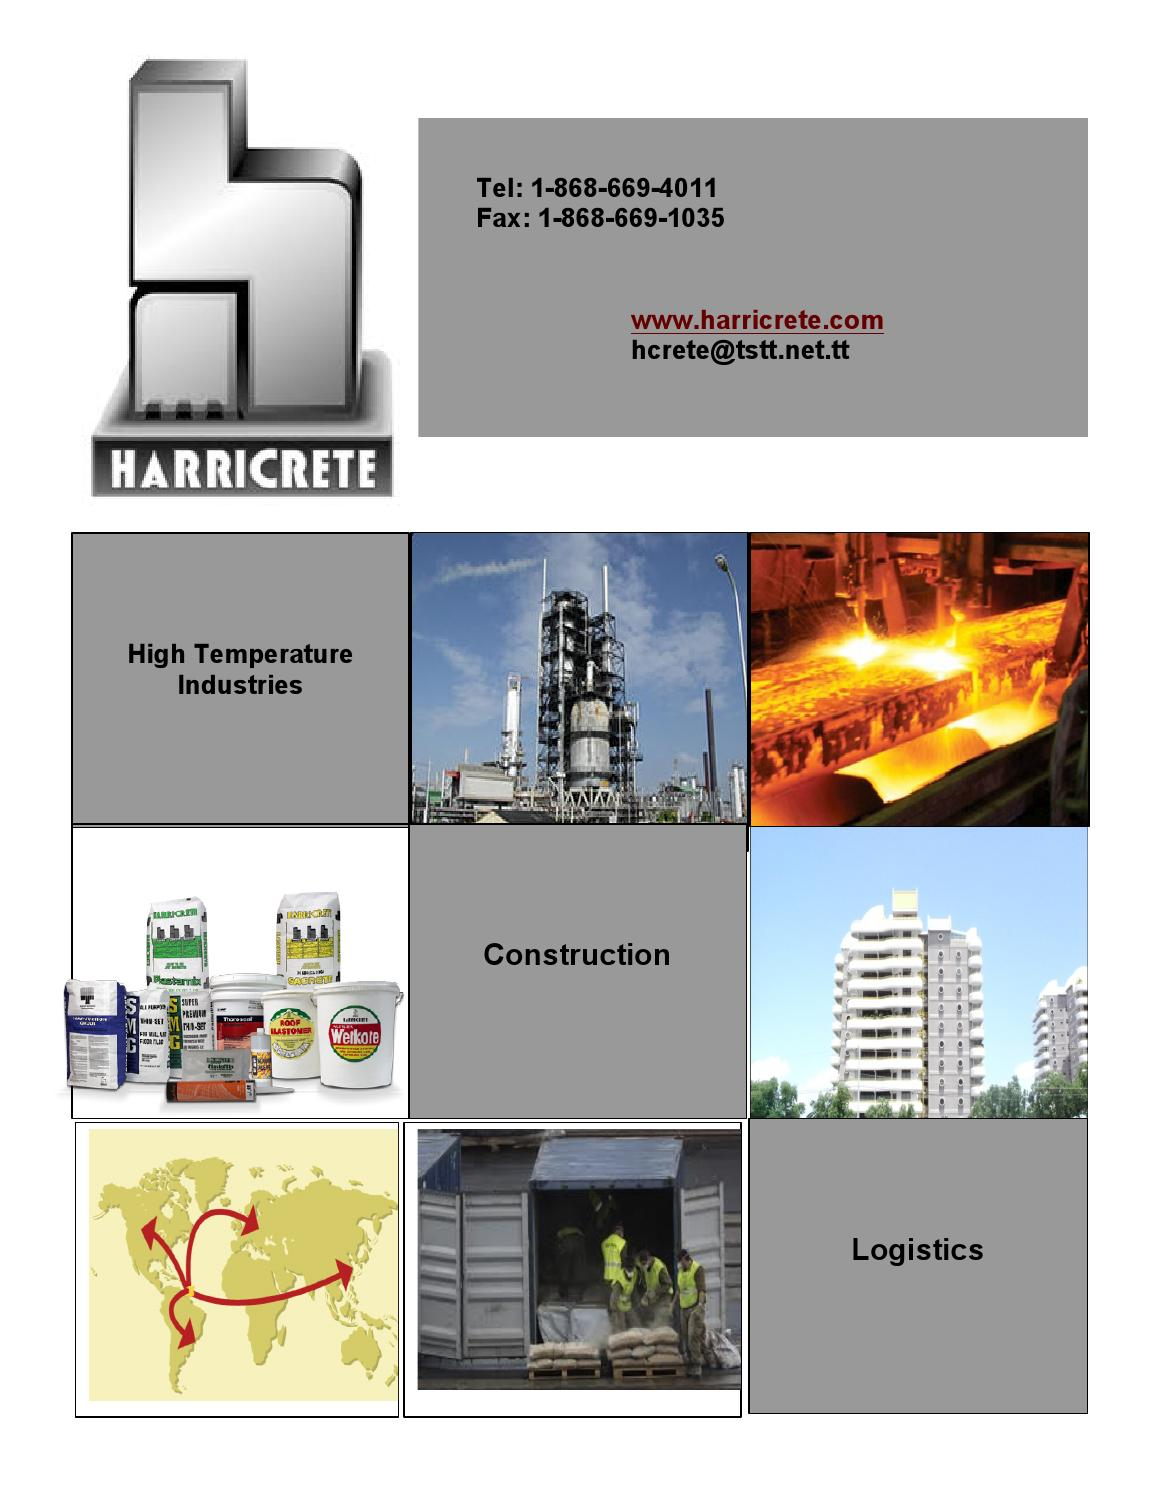 Harricrete Ltd